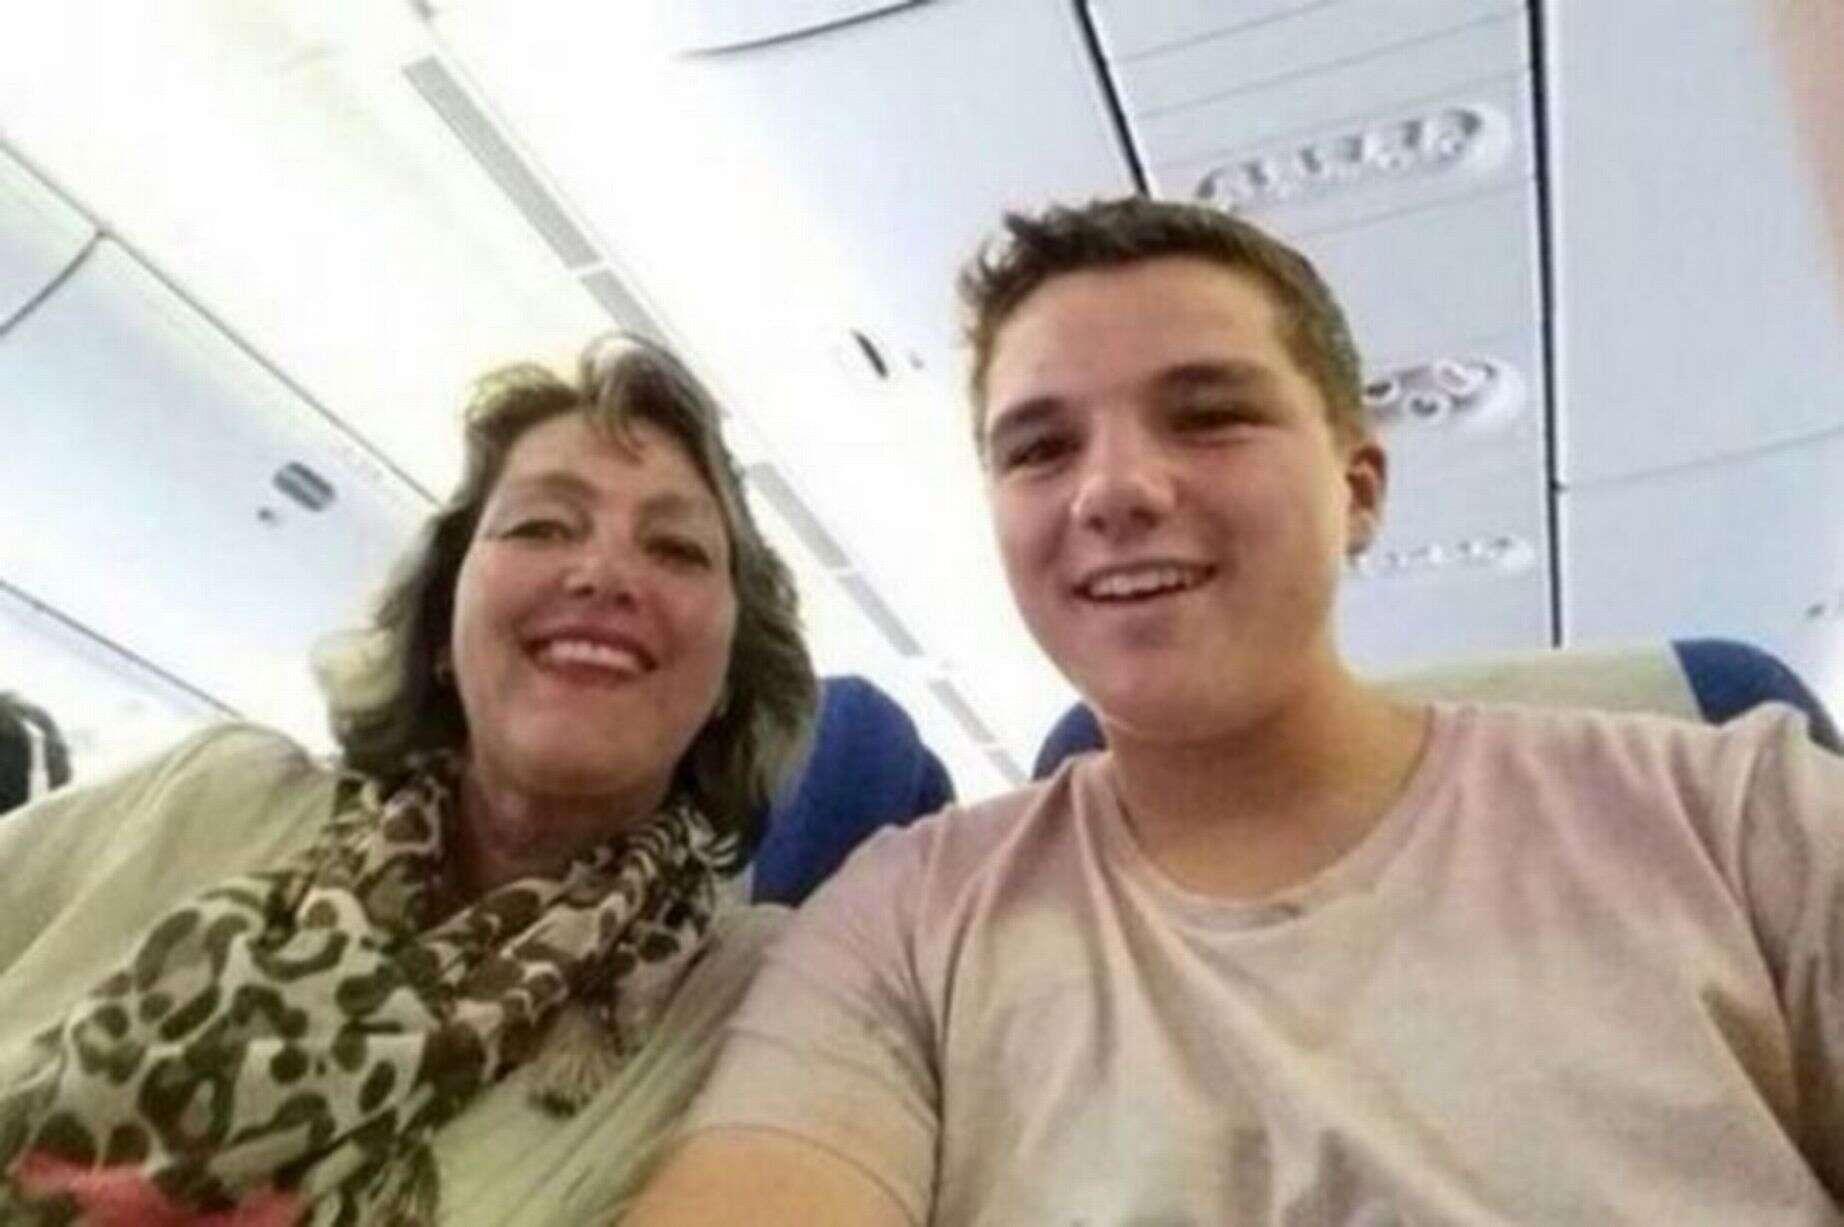 Goleiro holandês Gary Slok enviou uma selfie dele e de sua mãe para amigos da escola